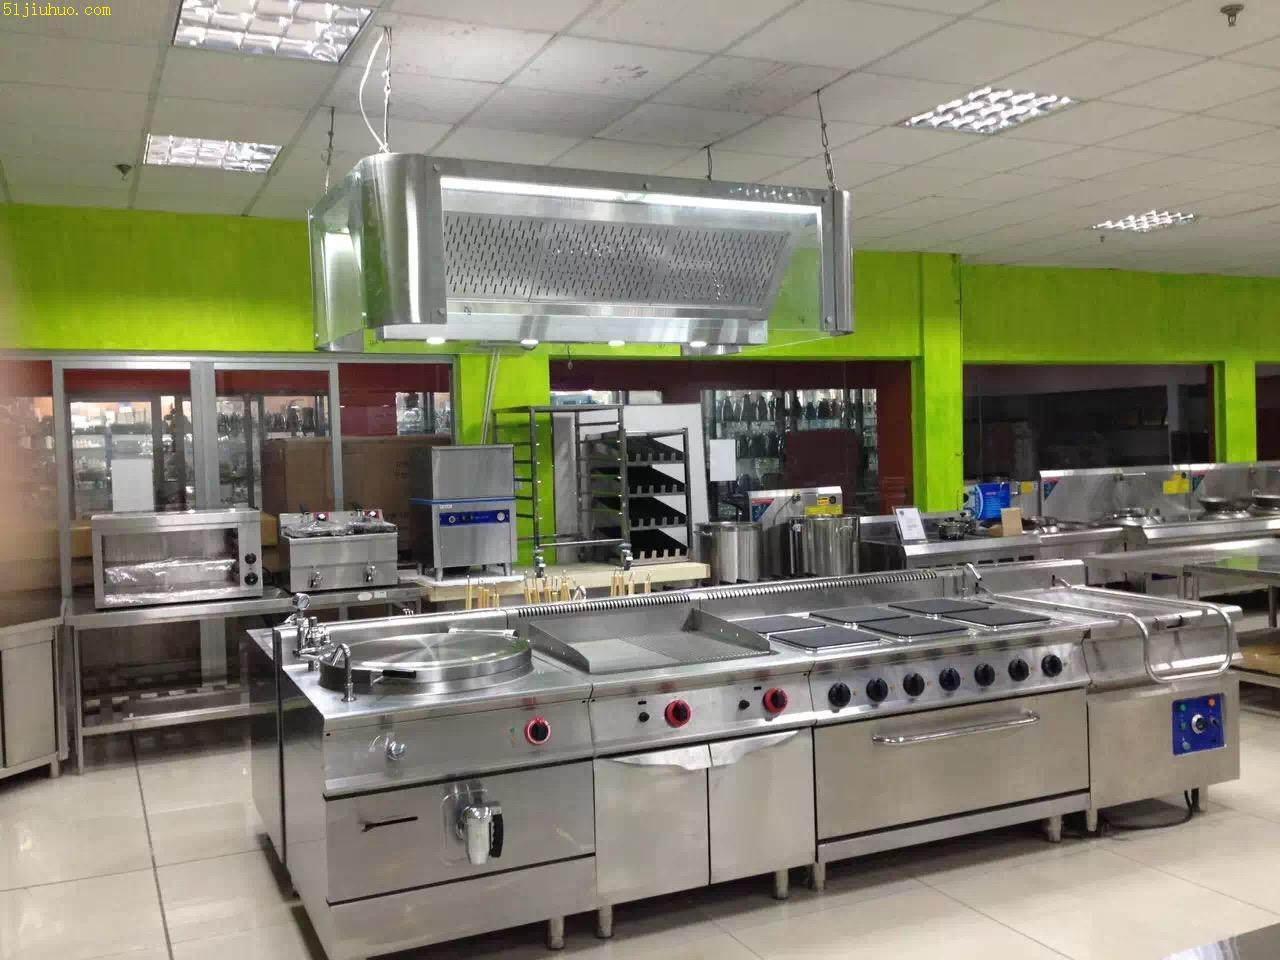 黑龙江高价回收酒店设备,厨房设备回收,不锈钢厨具回收